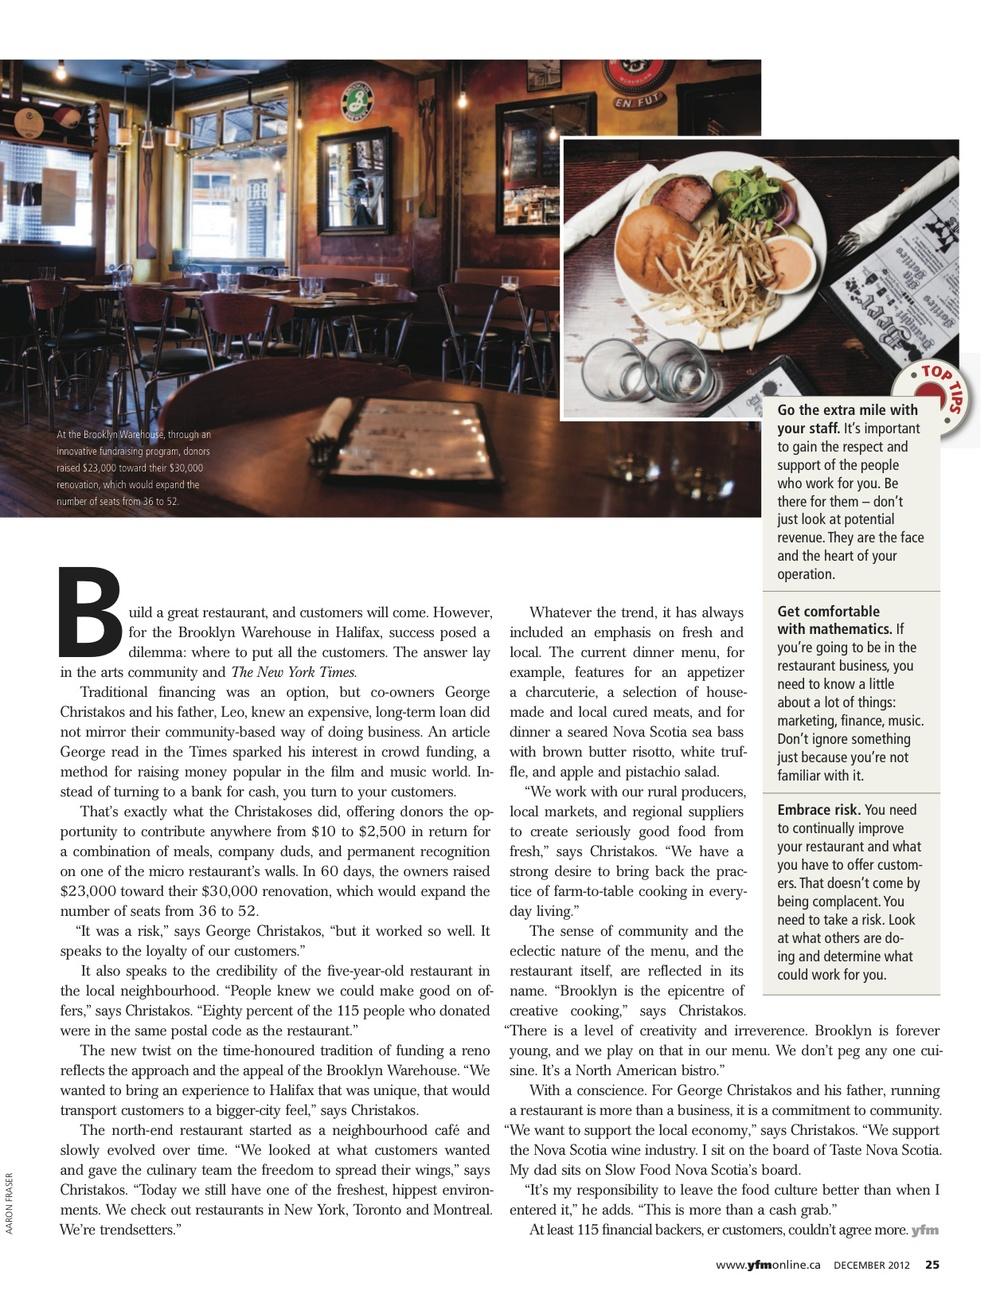 YFM December 2012 - pg. 25.jpg